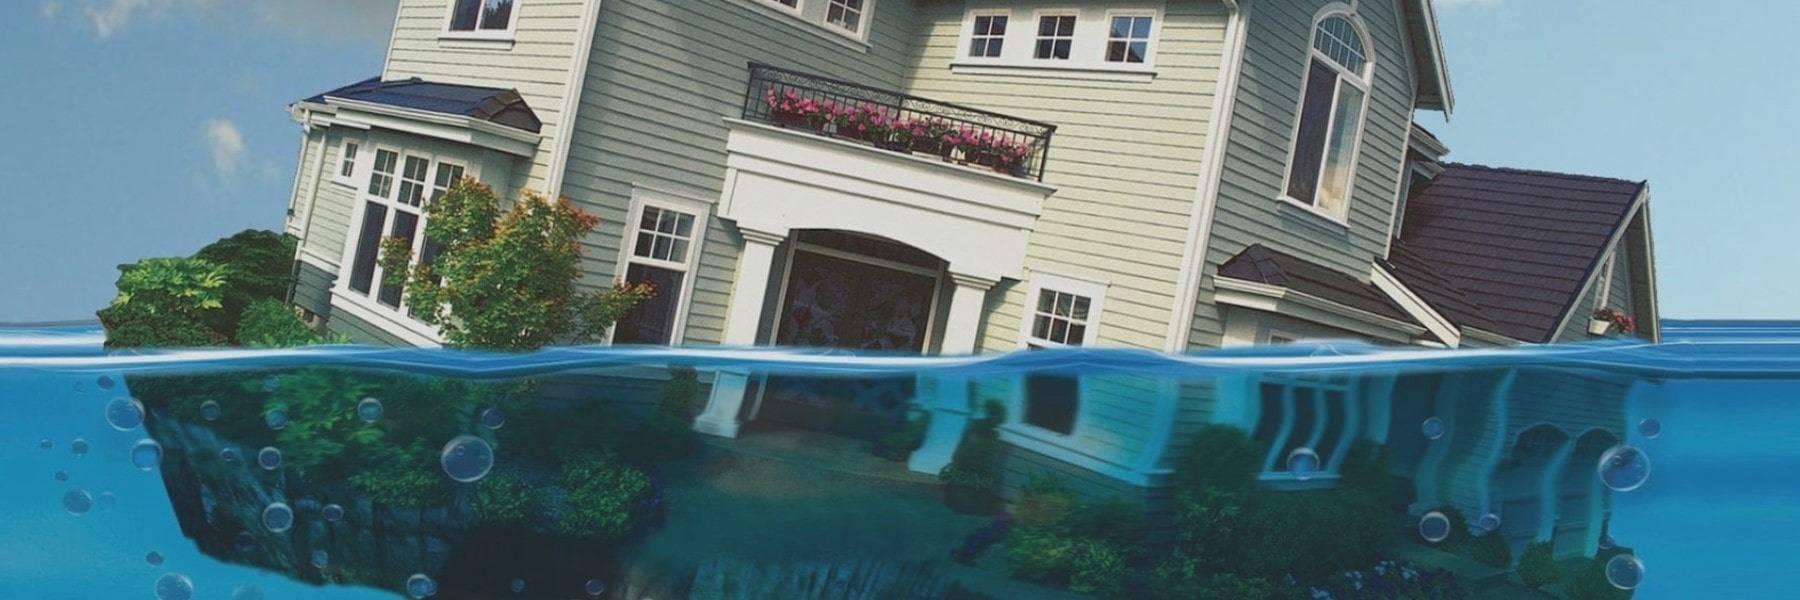 Woning kopen met restschuld - onderwaarde - HypotheekStore - De HypotheekStore